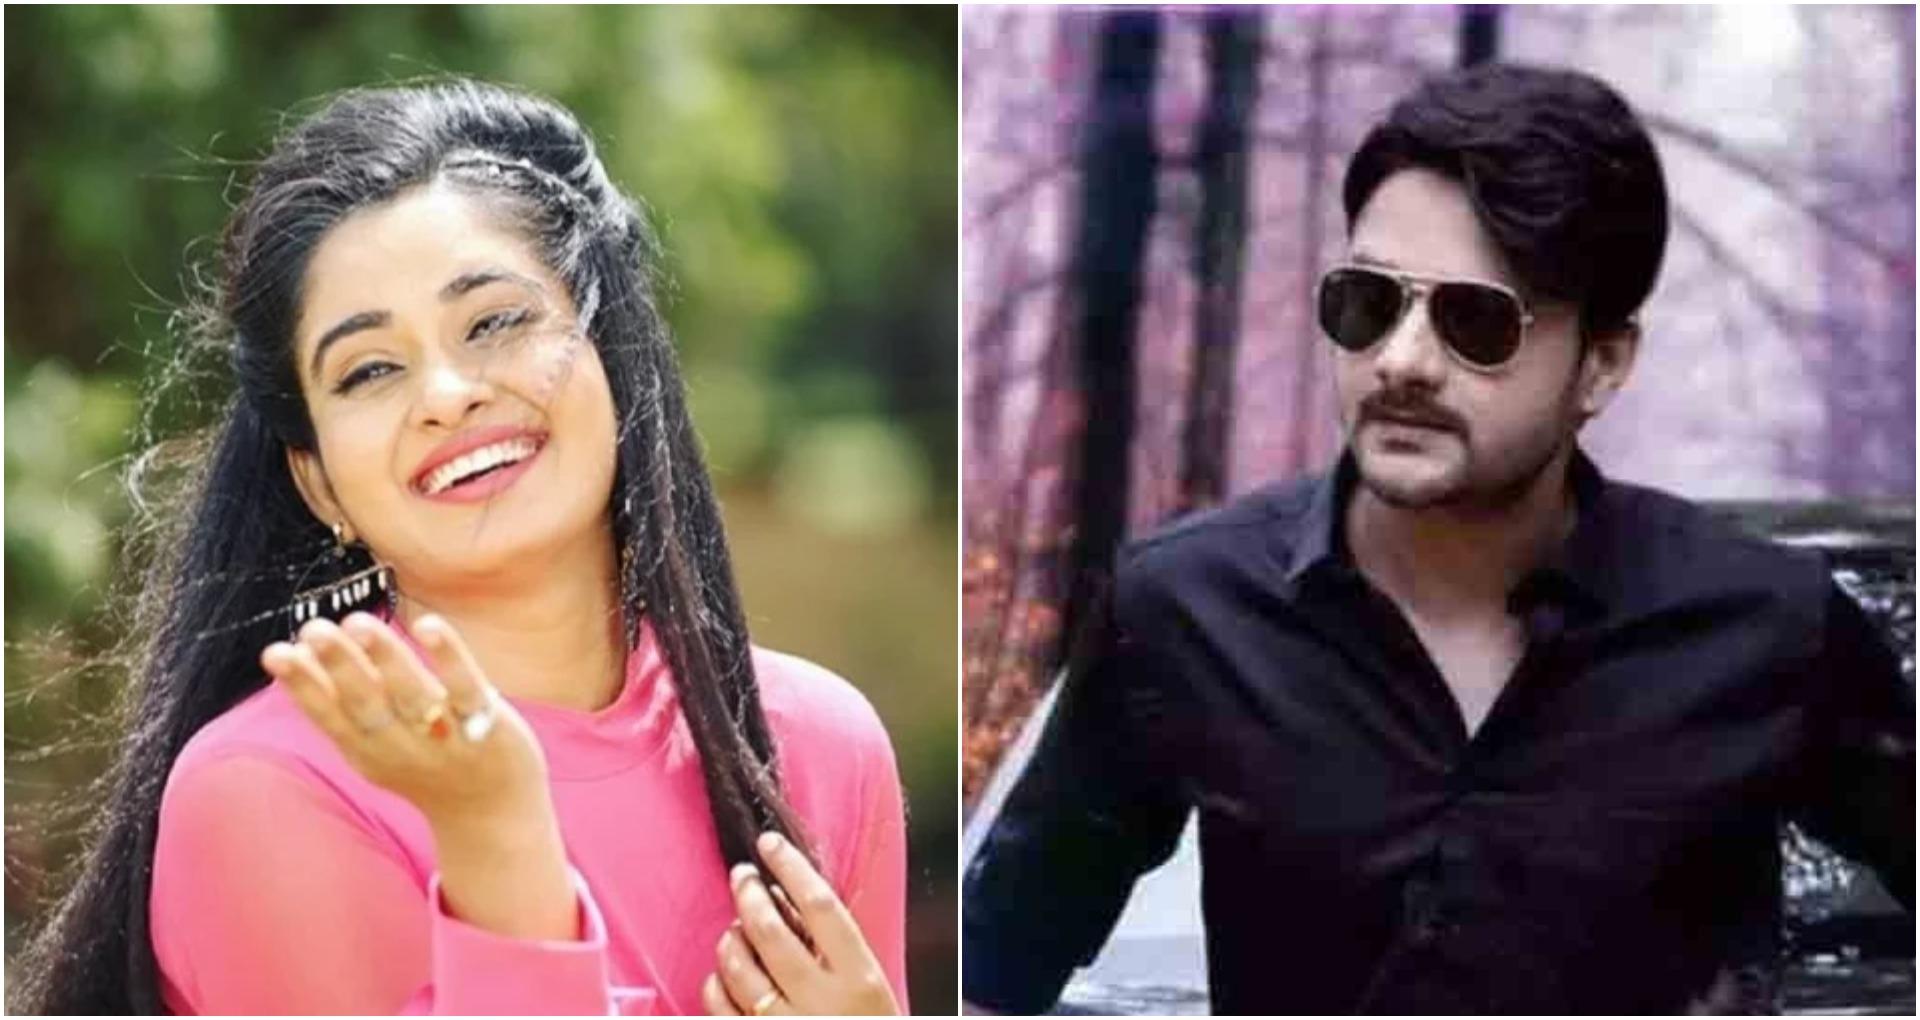 भोजपुरी फिल्म 'वंश' में एक बार फिर साथ दिखेंगे ऋतु सिंह और गौरव झा, इंटरव्यू में एक-दूसरे ने खोले कई राज